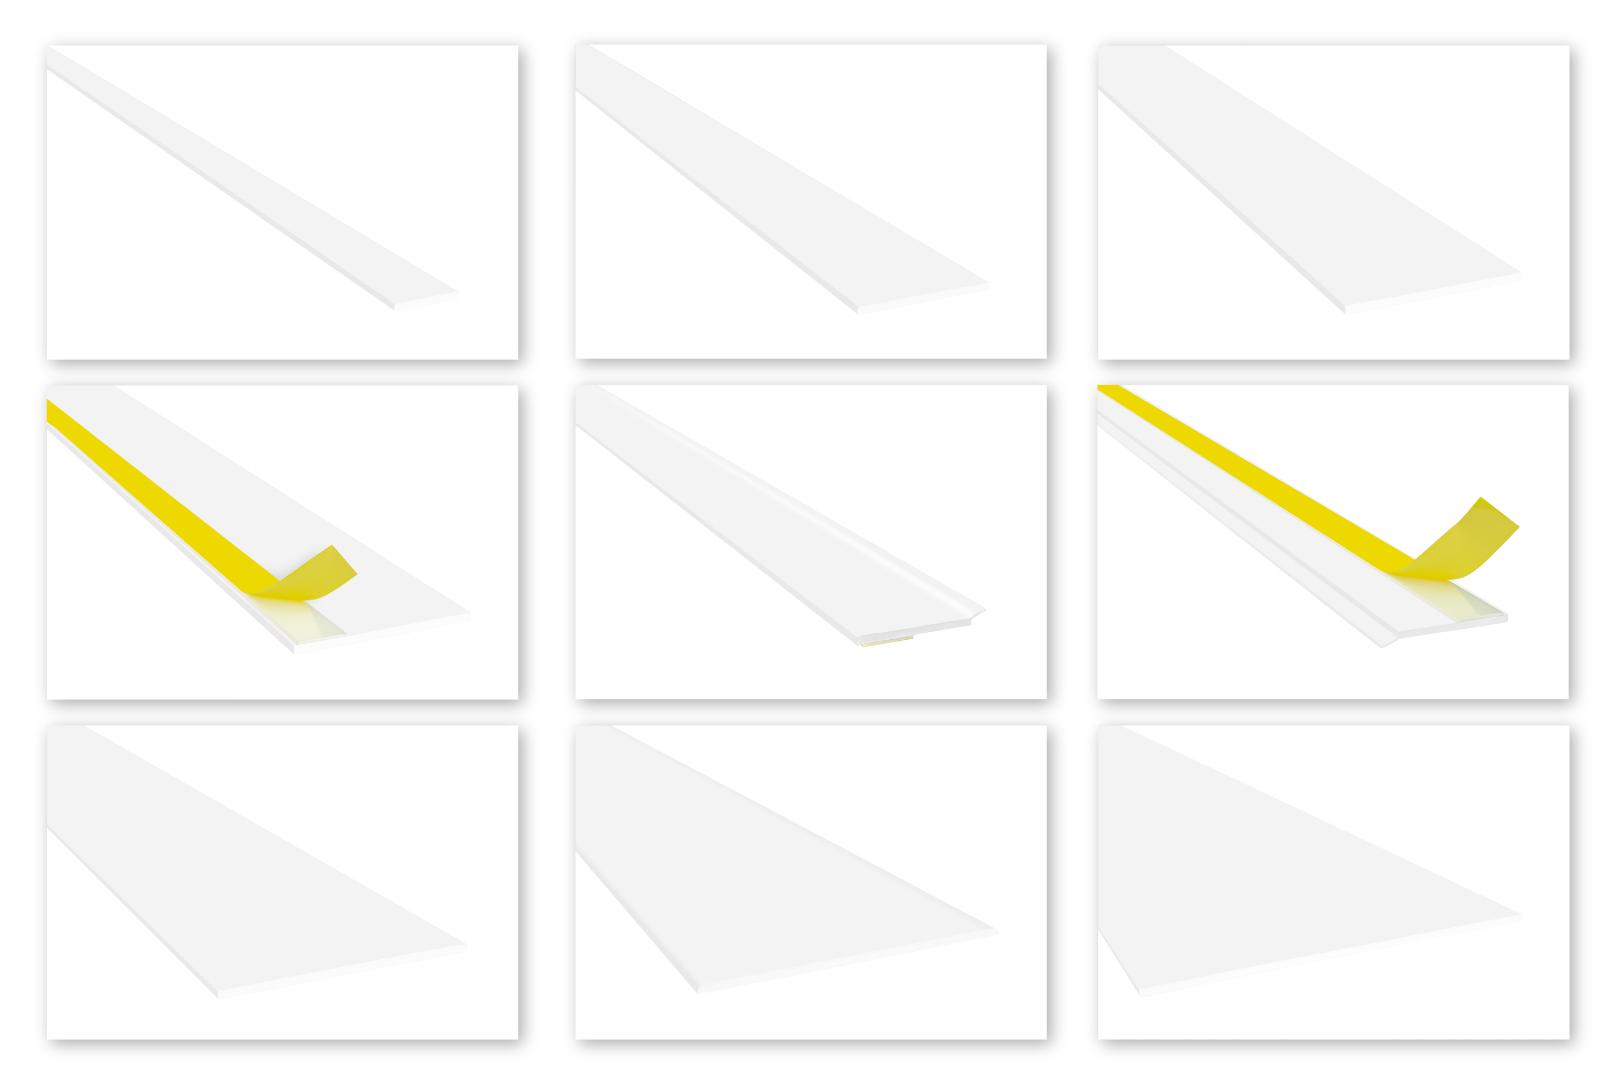 Flachleisten PVC weiß 2m - Standard 3mm, Auswahl Weichlippe & selbstklebend - HJ